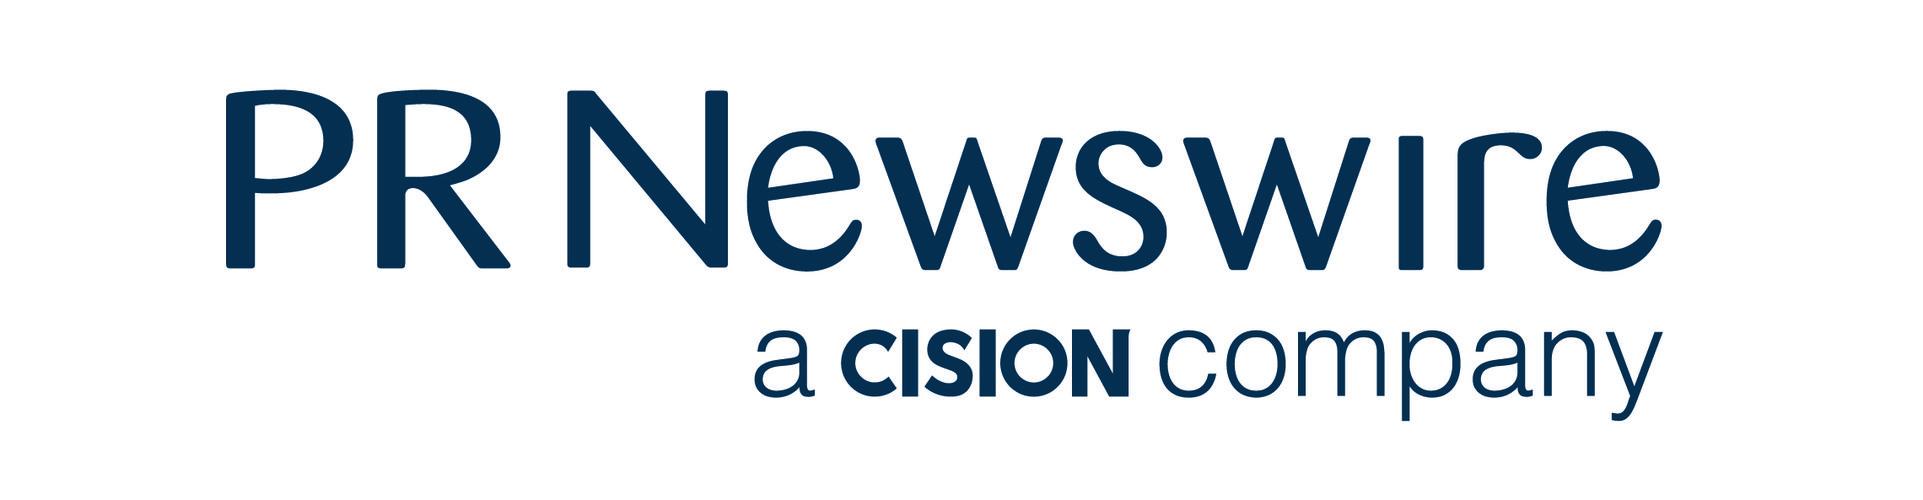 PR Newswire a Cision Company